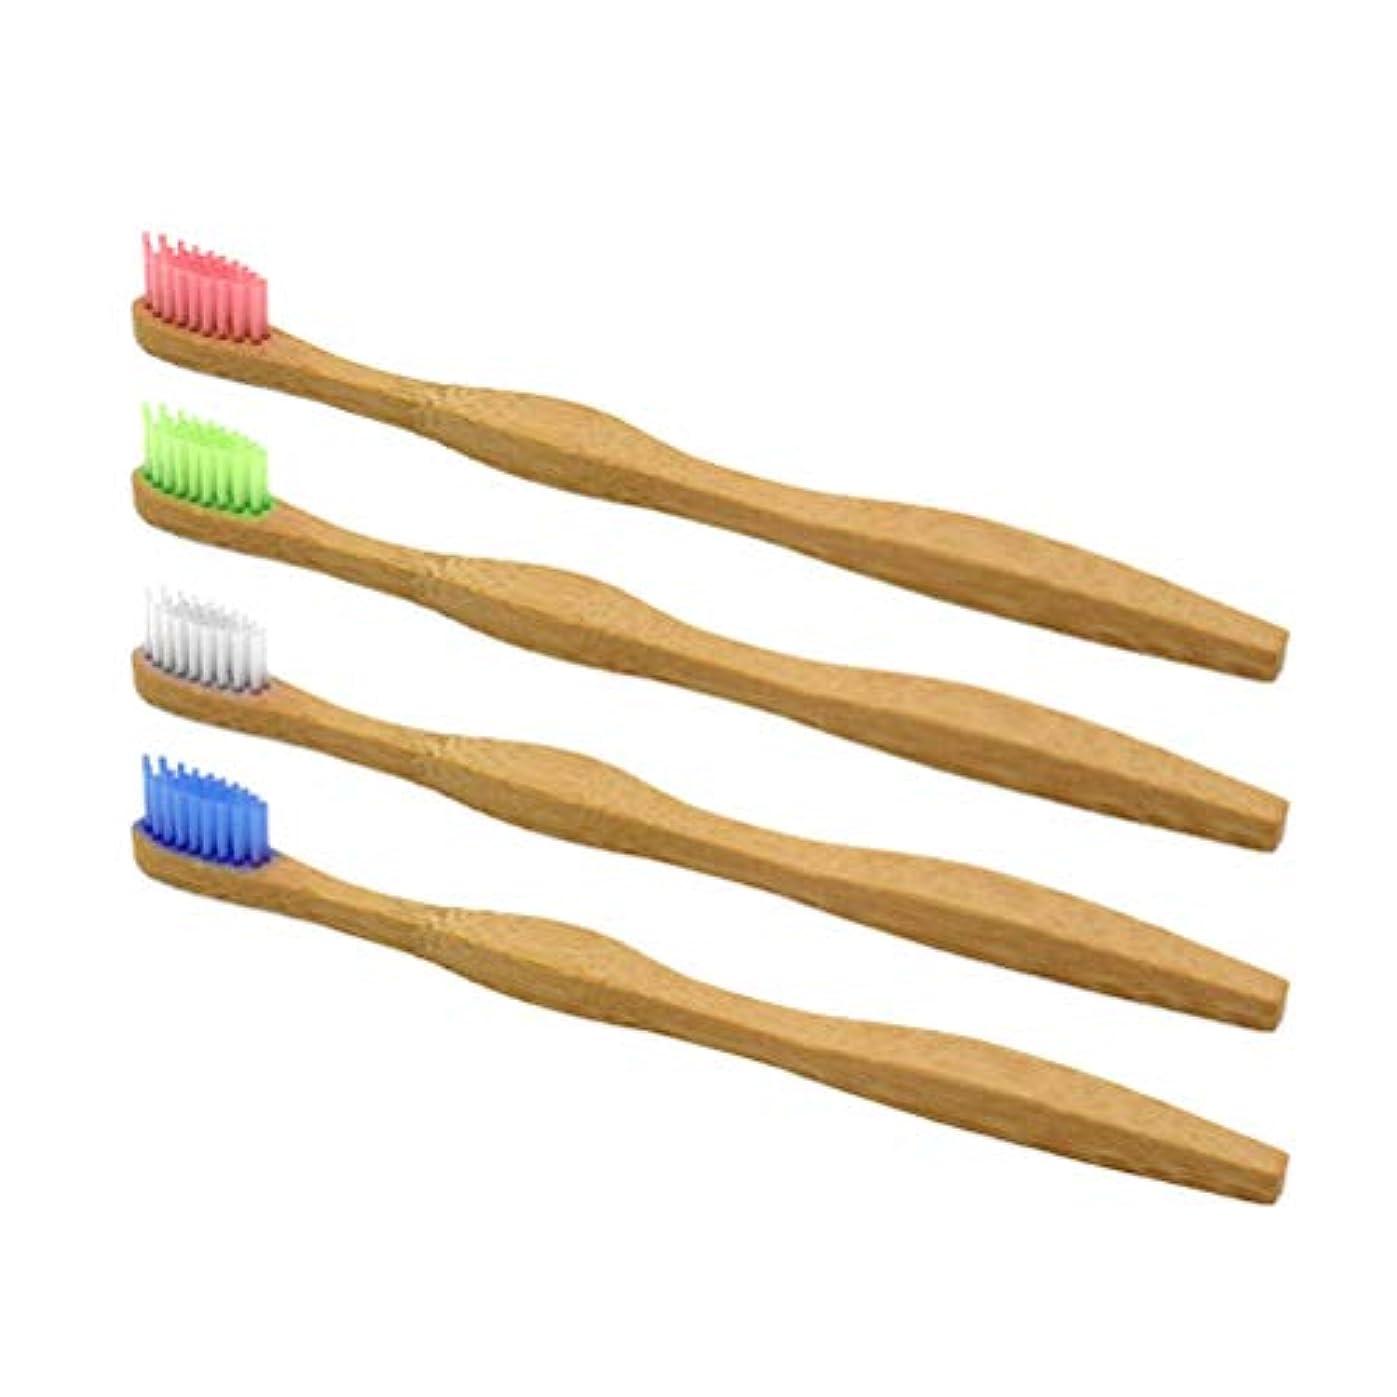 望ましい世論調査それにもかかわらずSUPVOX竹製の歯ブラシオーラルケアクリーニングセット用柔らかい歯ブラシセット4本(アソートカラー)